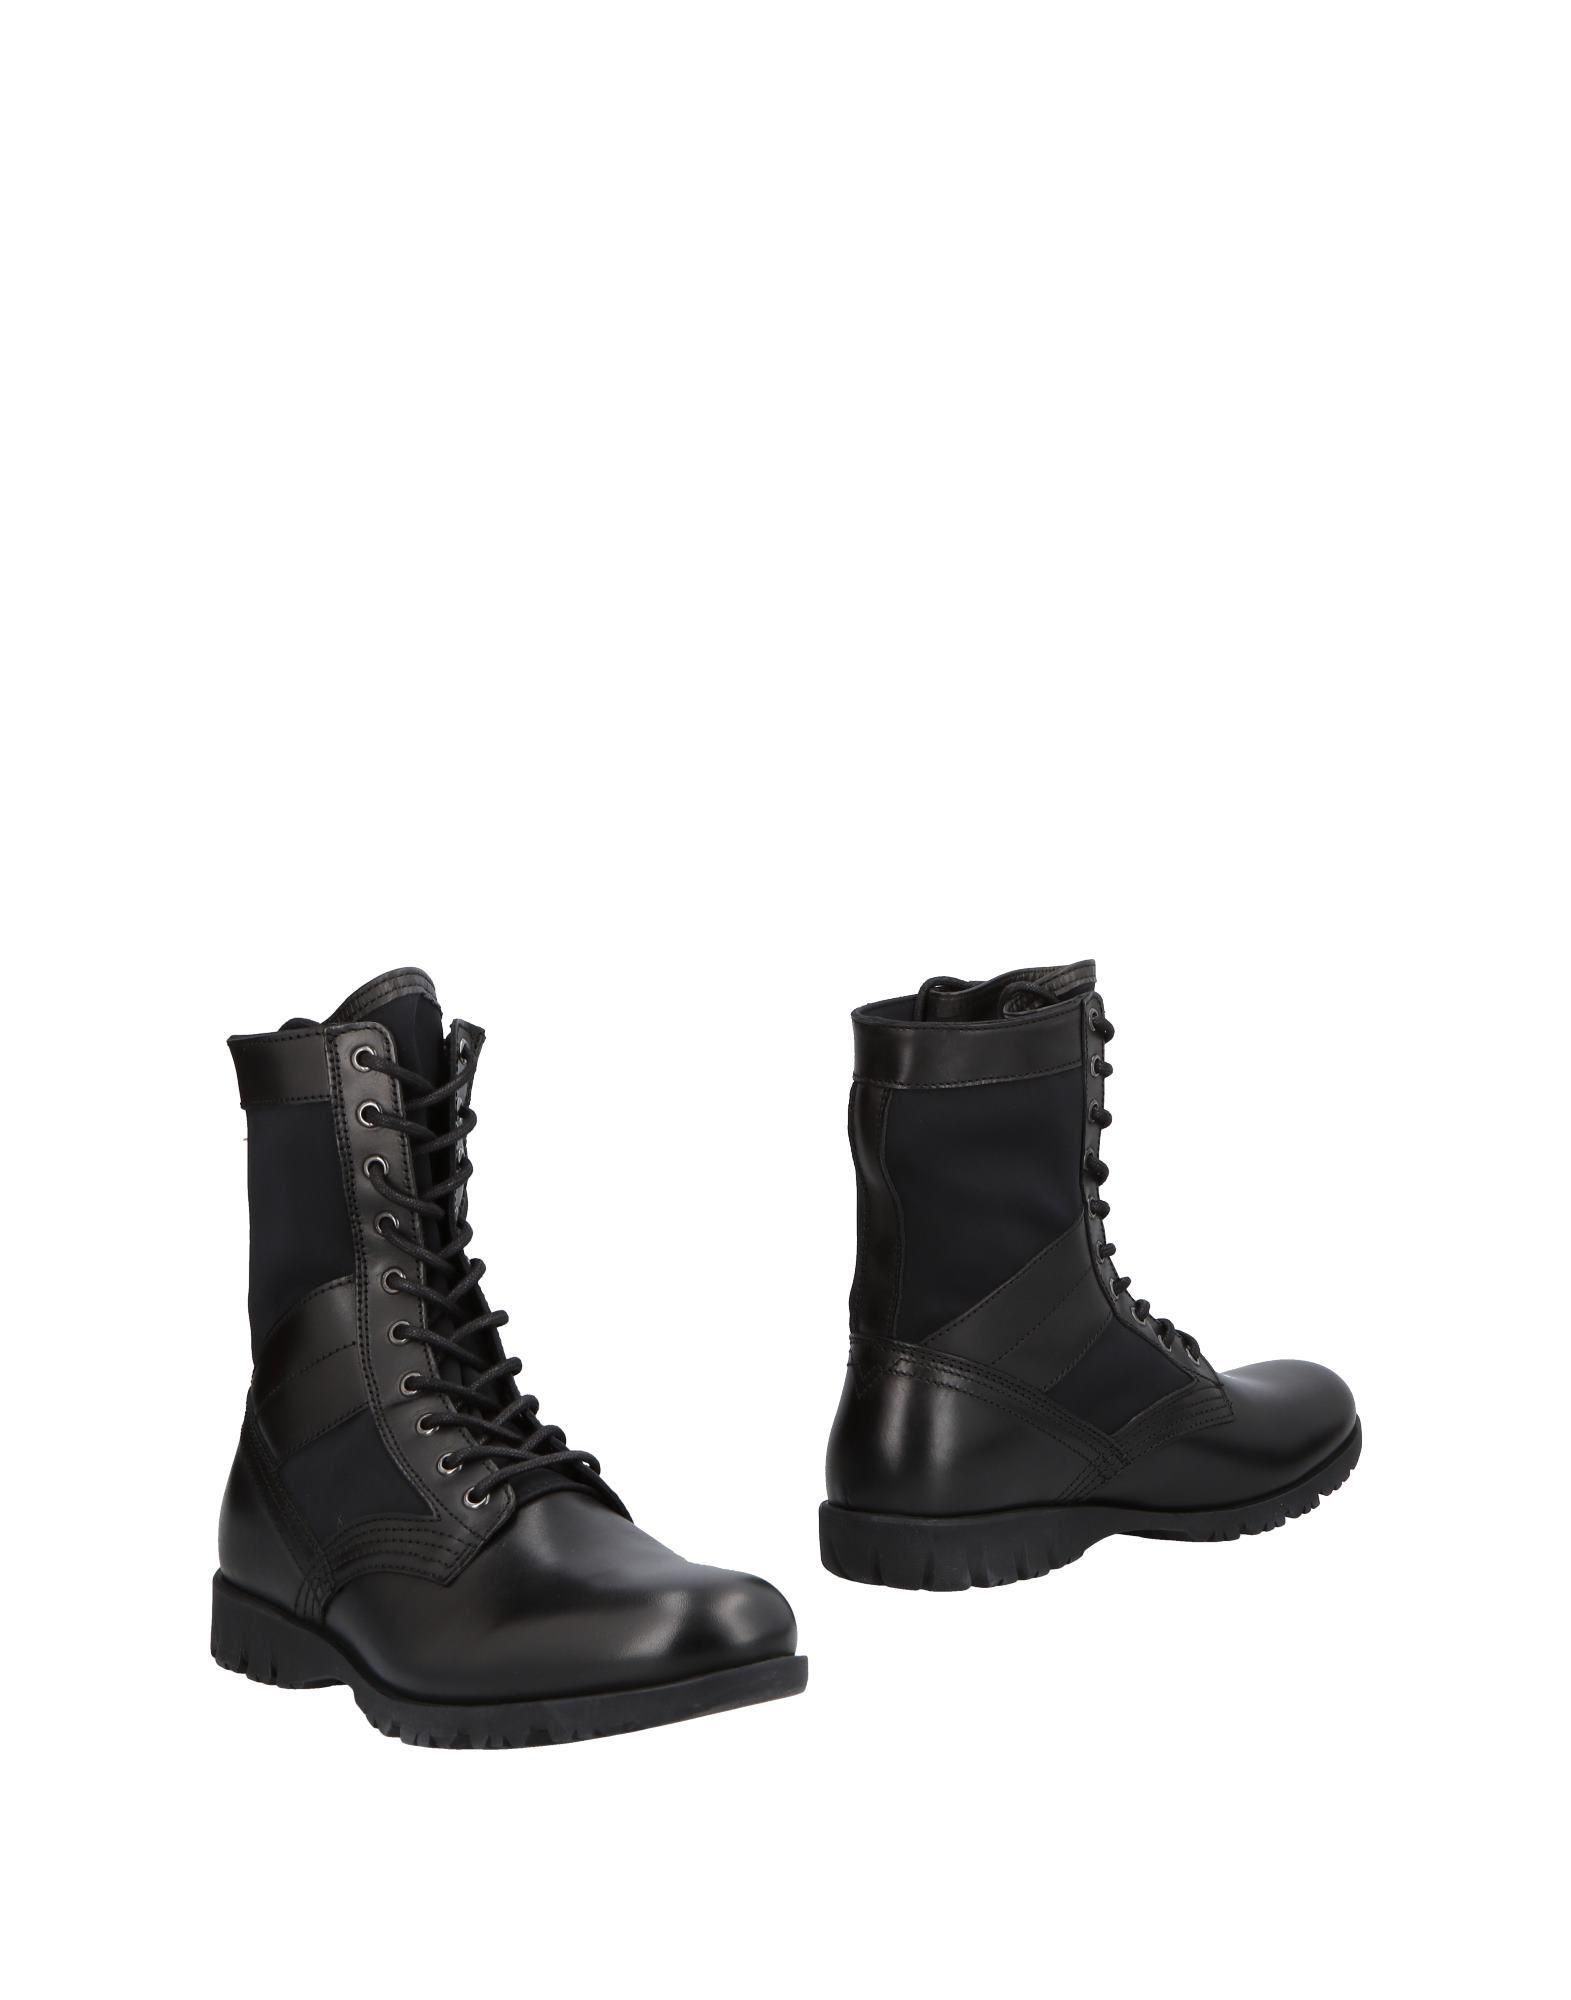 《送料無料》DIESEL メンズ ショートブーツ ブラック 40 牛革 / ナイロン / ポリウレタン